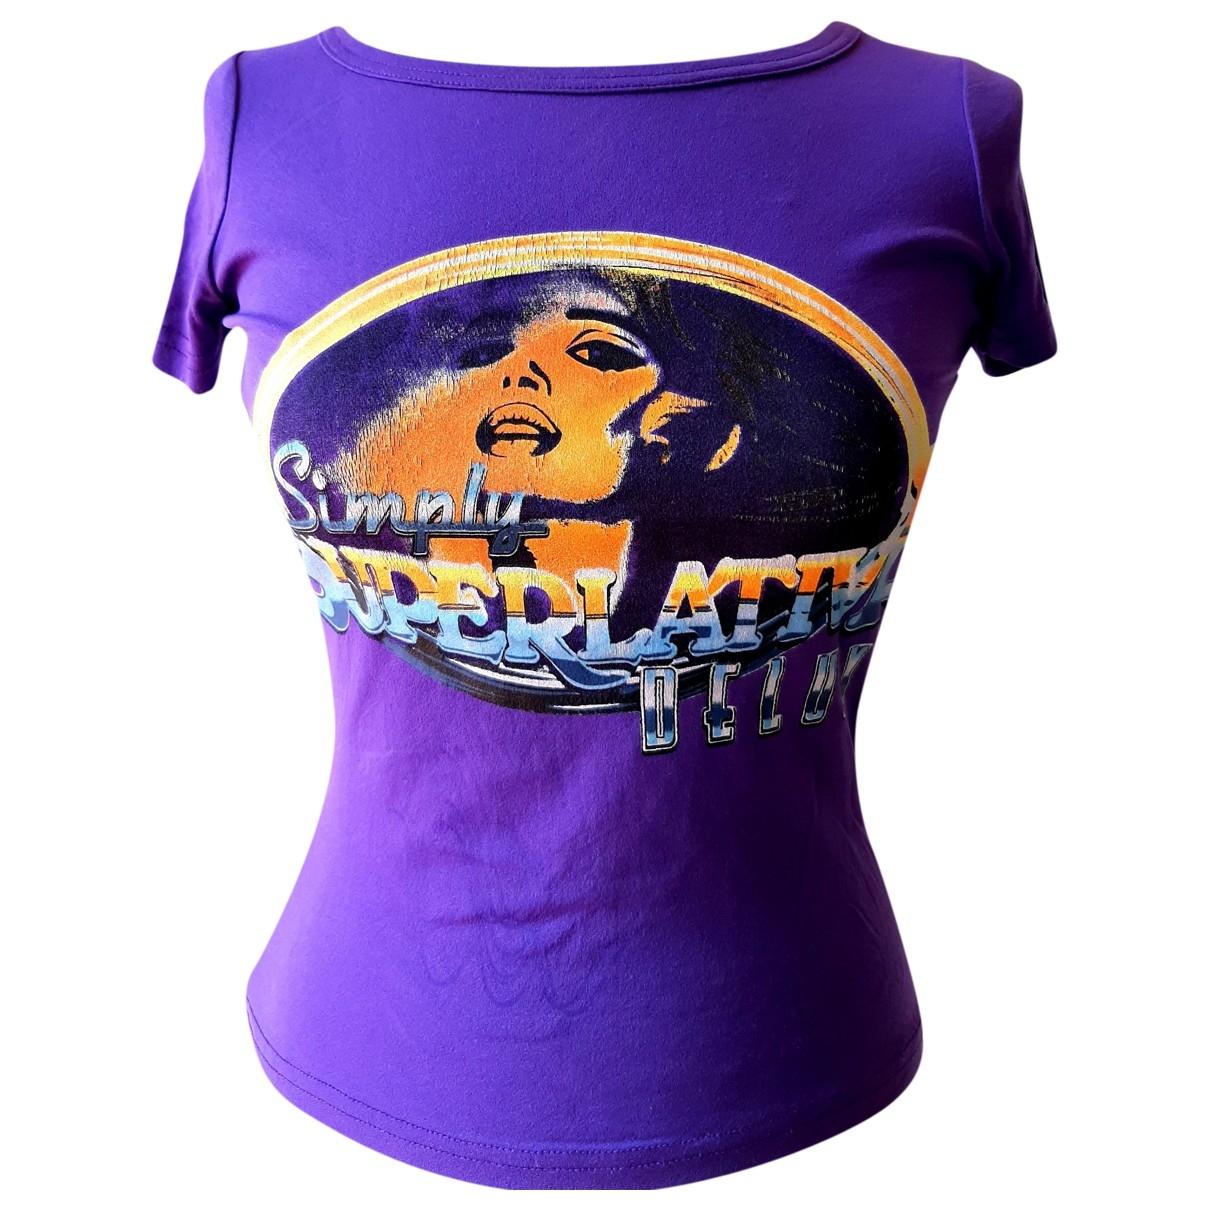 D&g - Top   pour femme - violet